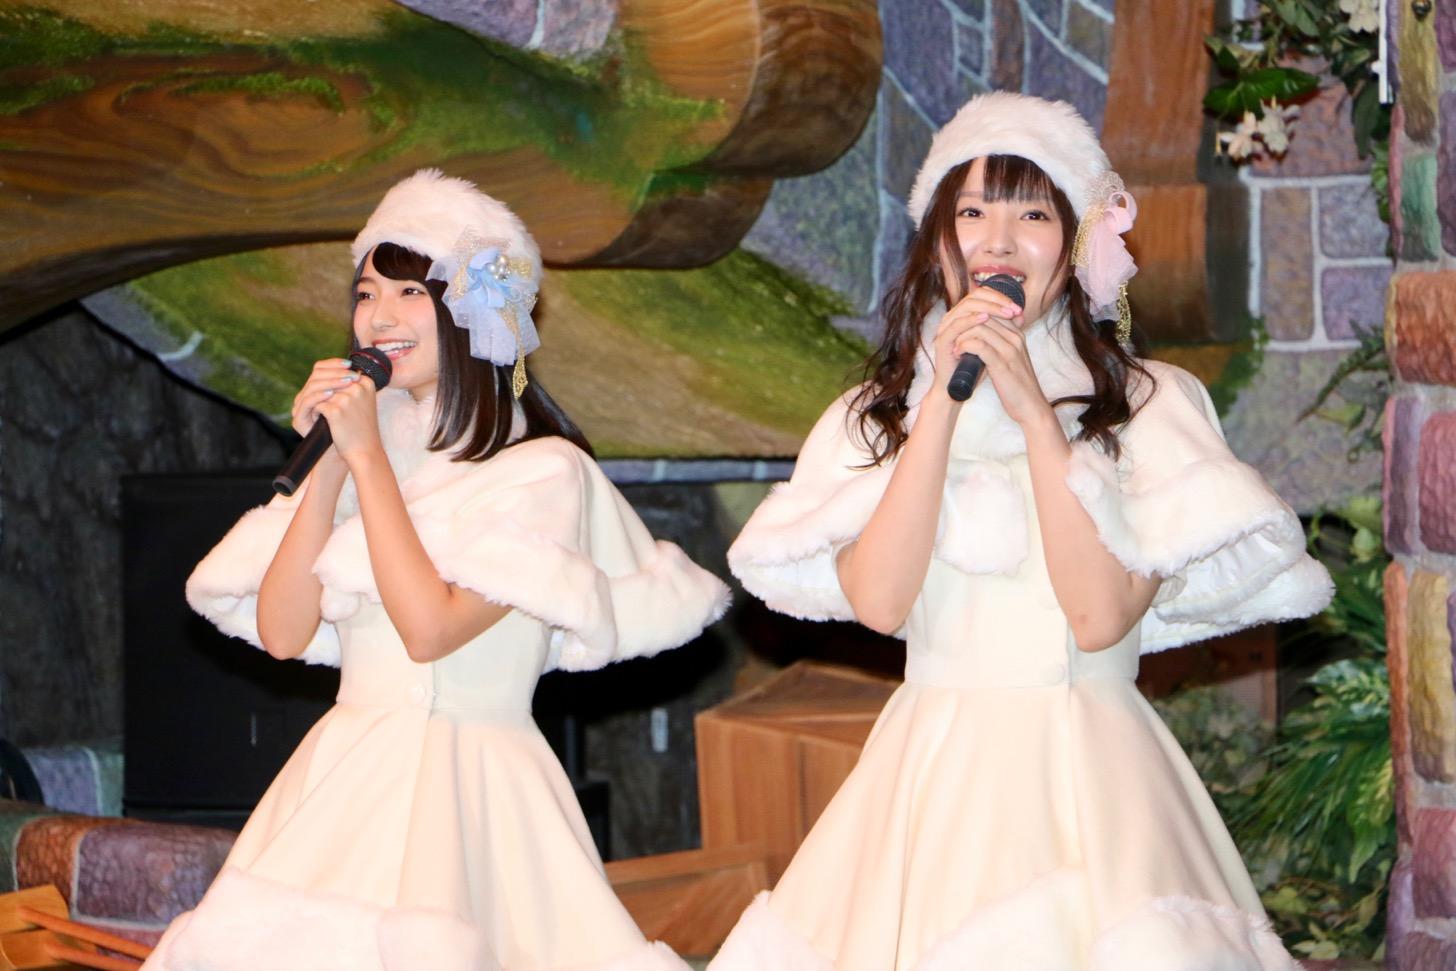 声優ユニット「イヤホンズ」の高野麻里佳さん(左)と長久友紀さん(右)